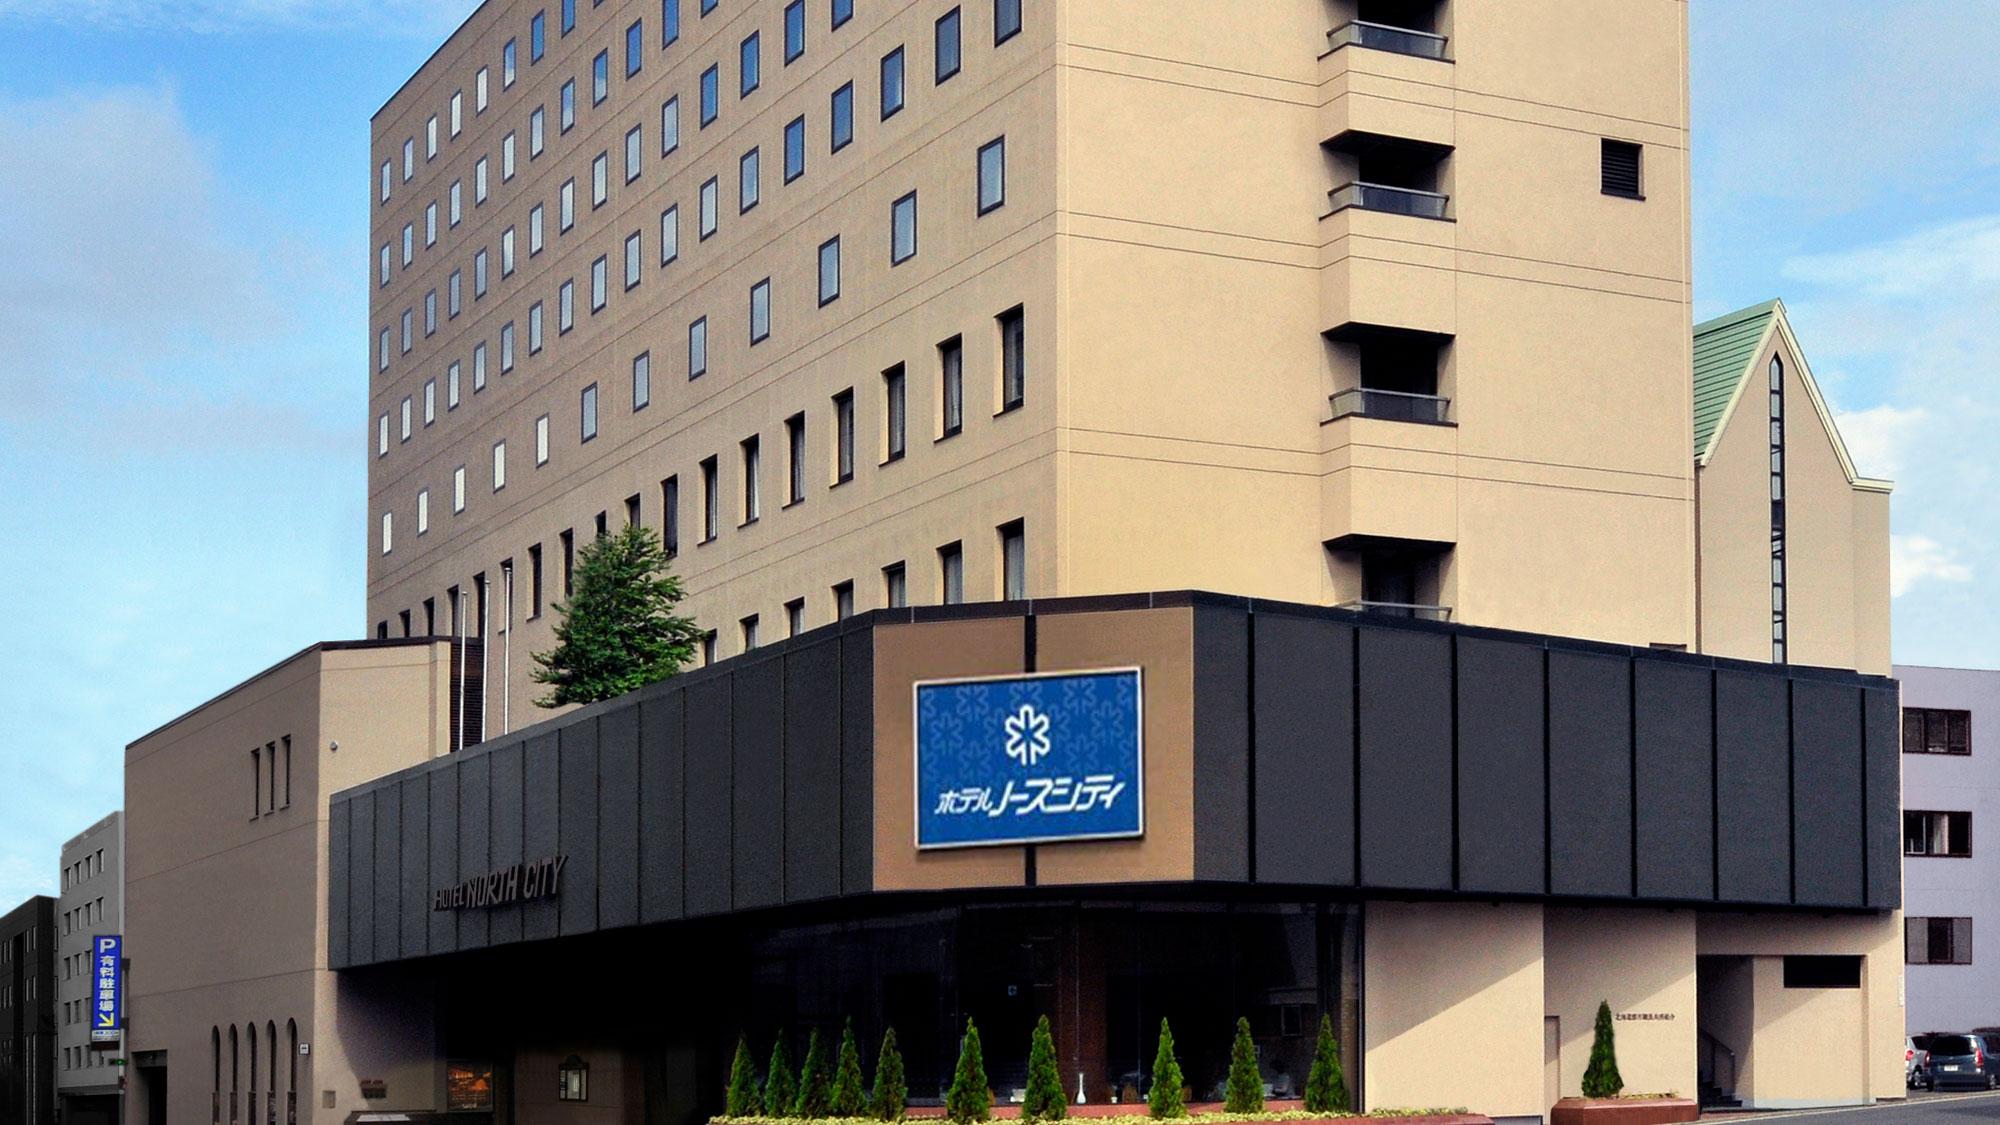 ホテル ノースシティ◆楽天トラベル